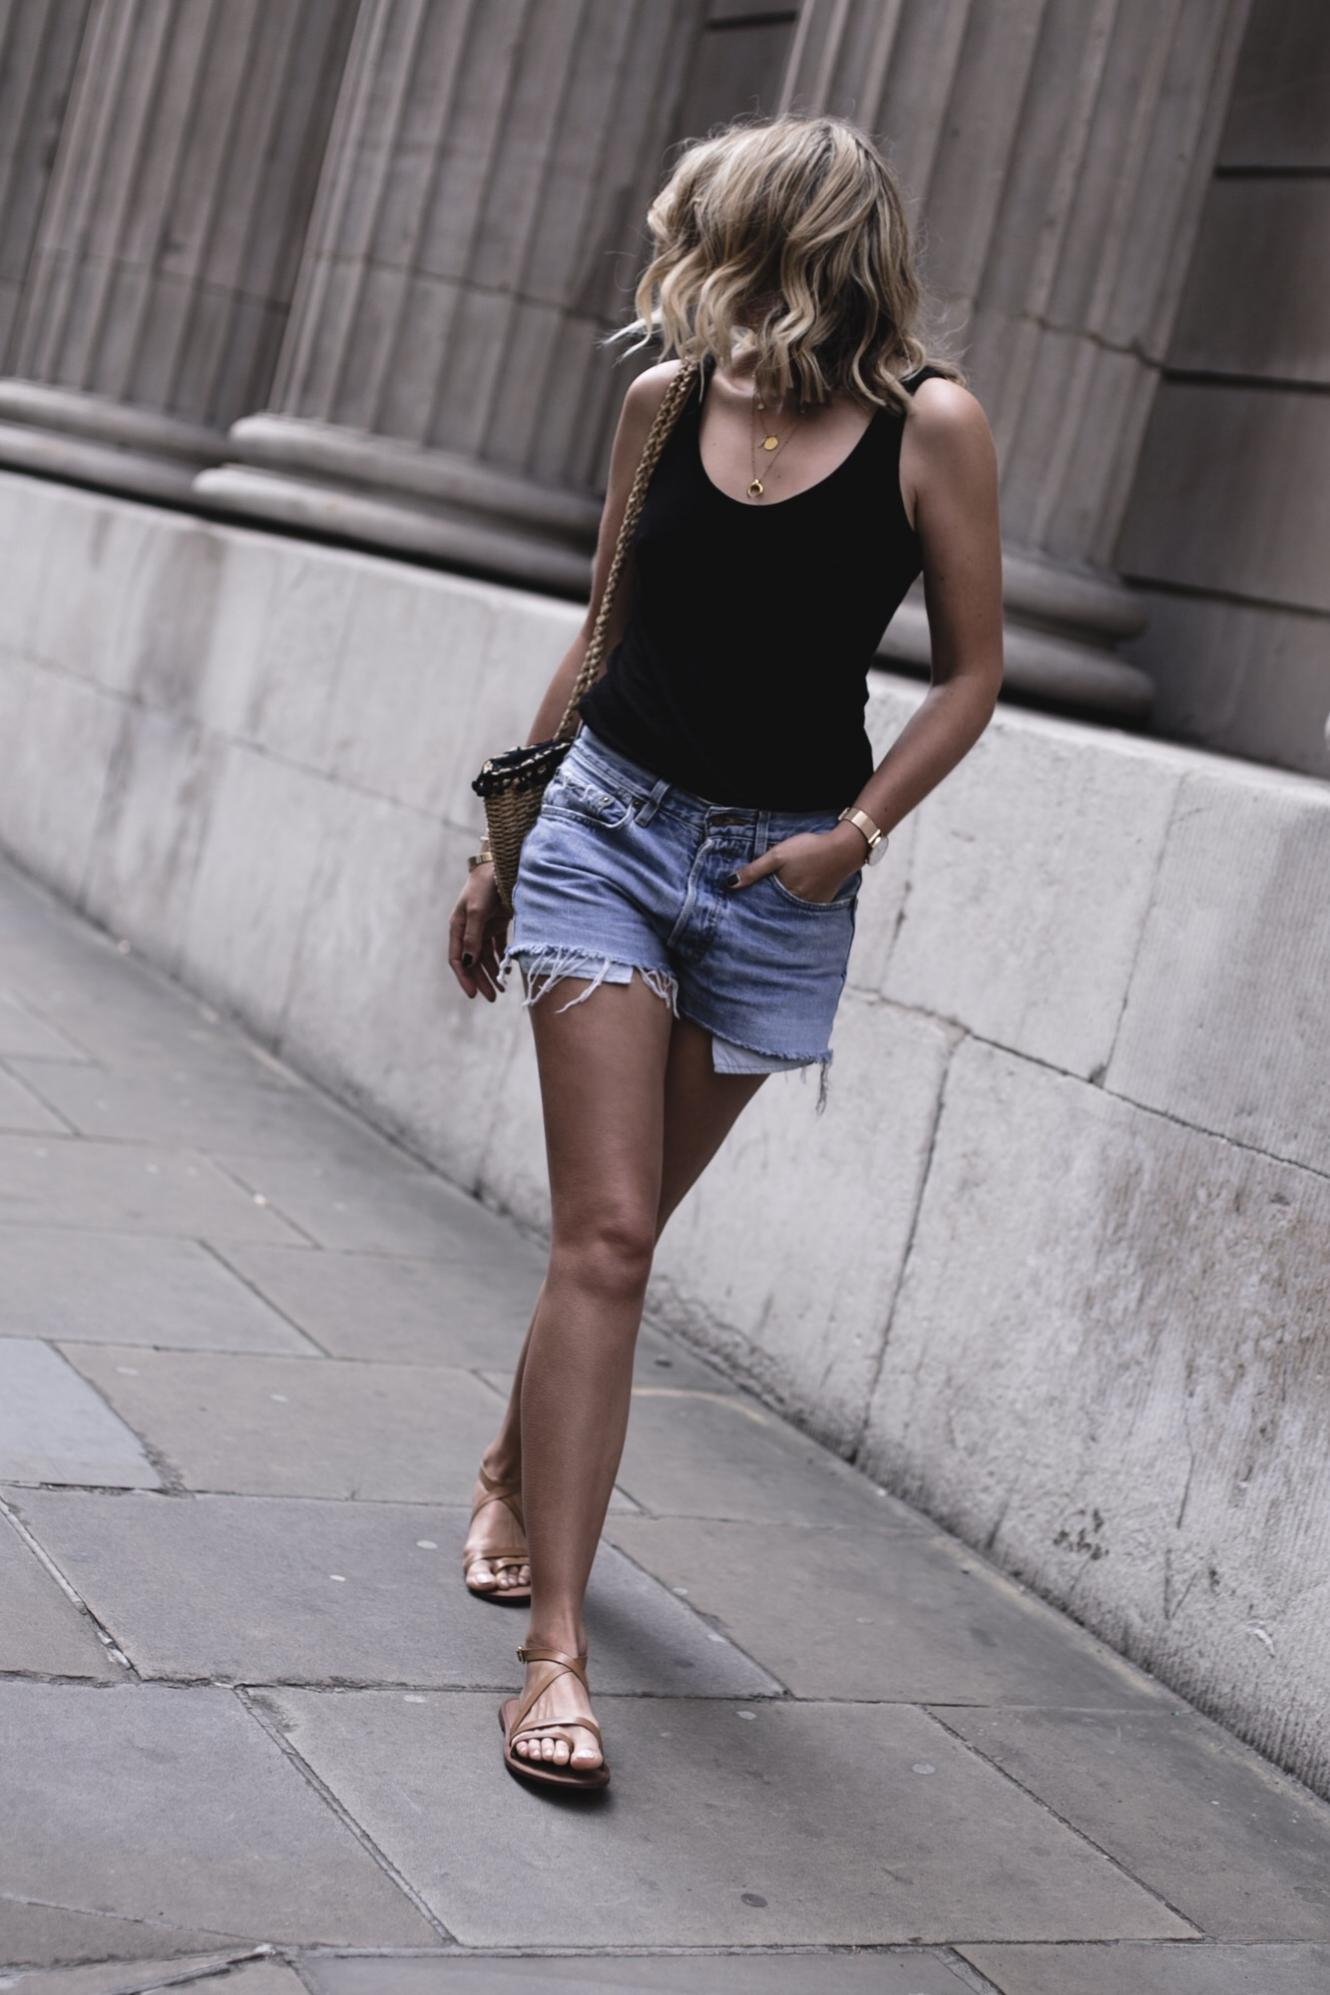 EJSTYLE | Low back black vest top, vintage Levis 501 shorts, straw basket bag, tan leather sandals, summer outfit